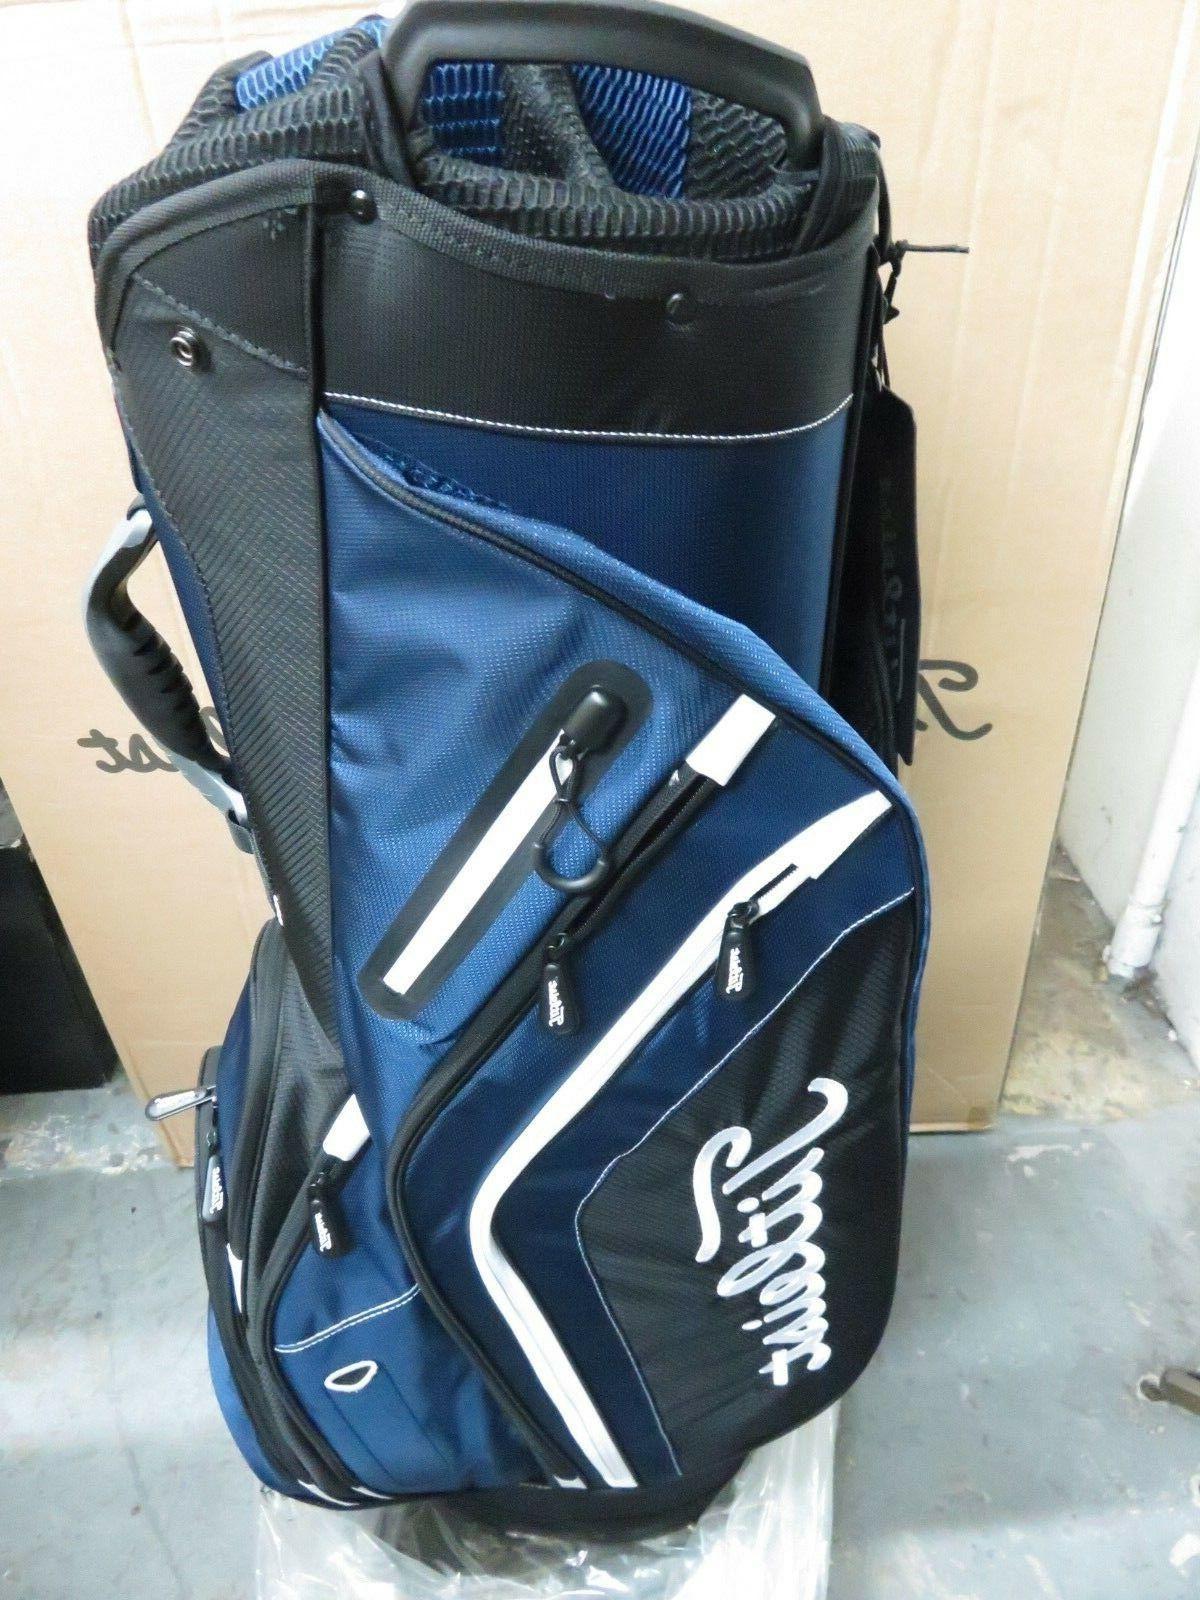 NEW Titleist Blue Black White Lightweight Cart Bag TB6CT5 40